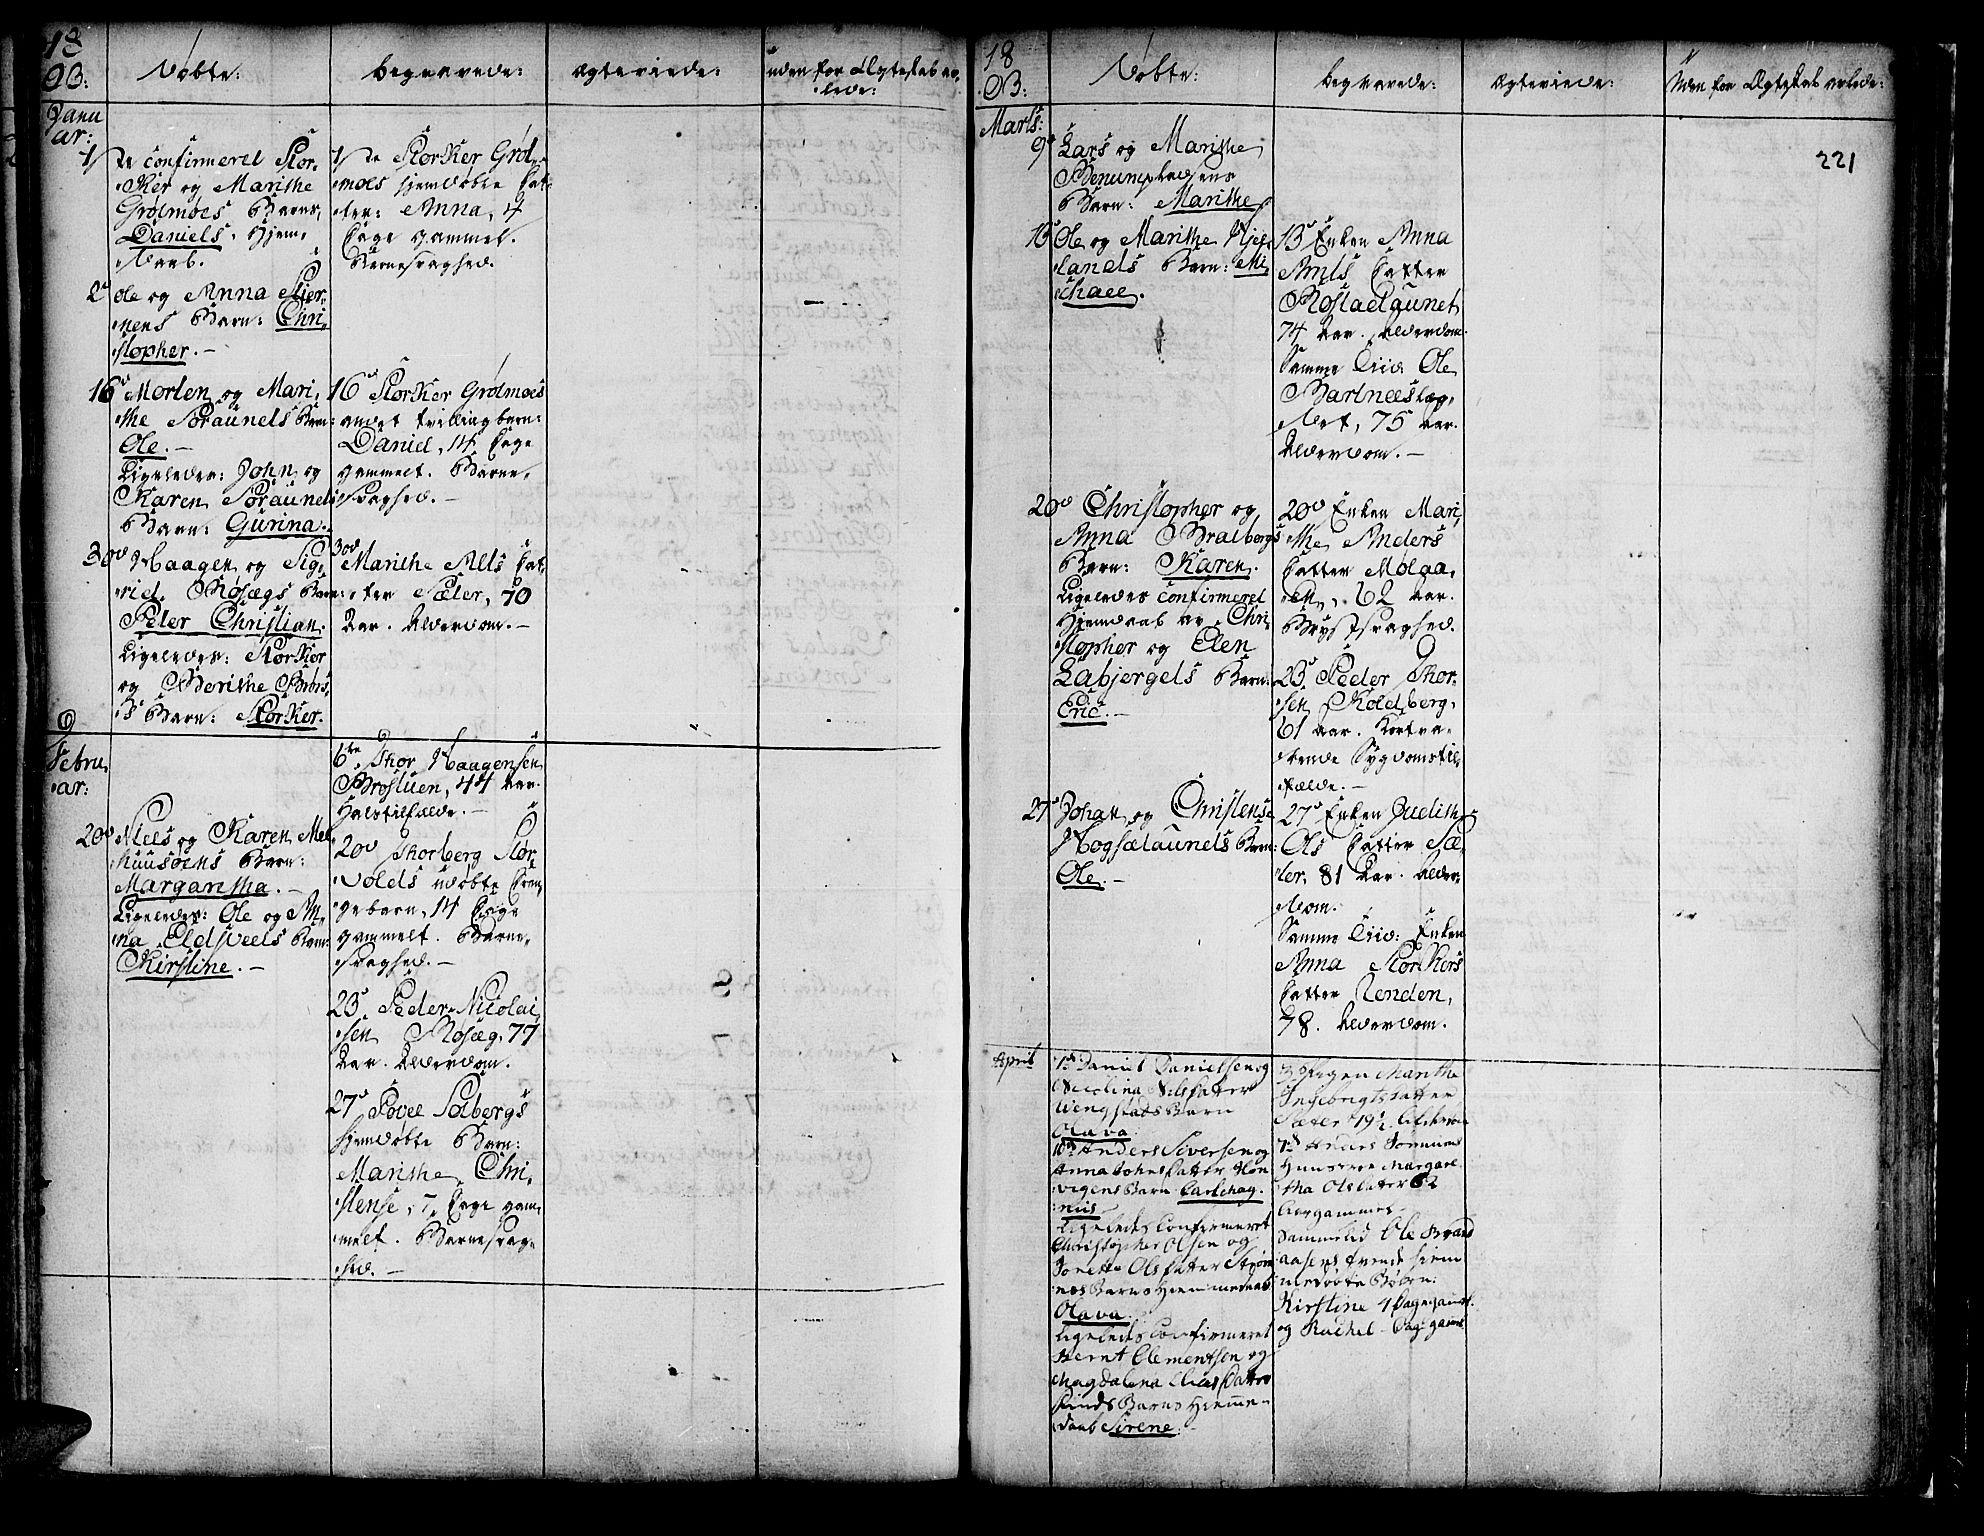 SAT, Ministerialprotokoller, klokkerbøker og fødselsregistre - Nord-Trøndelag, 741/L0385: Ministerialbok nr. 741A01, 1722-1815, s. 221